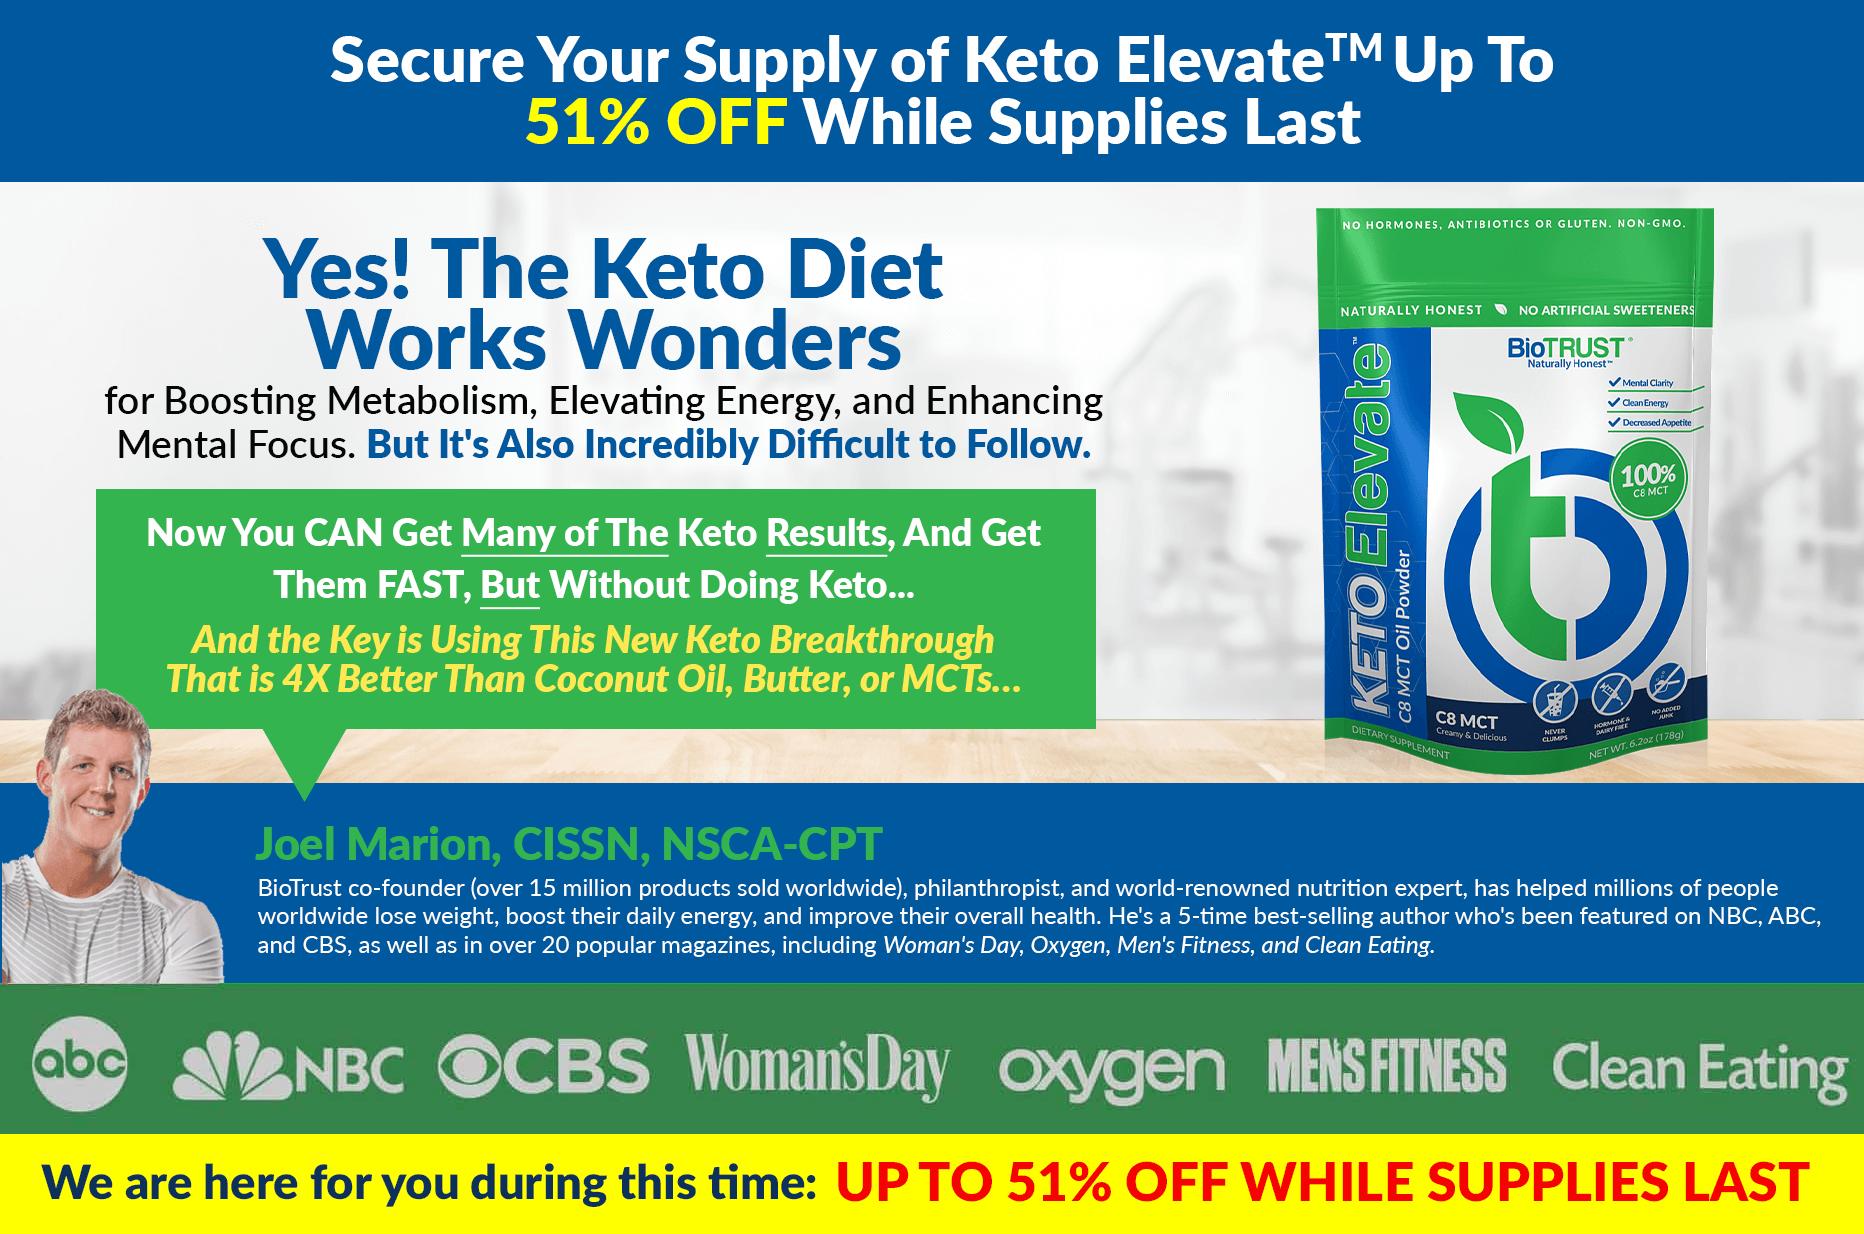 Yes! The Keto Diet Works Wonders